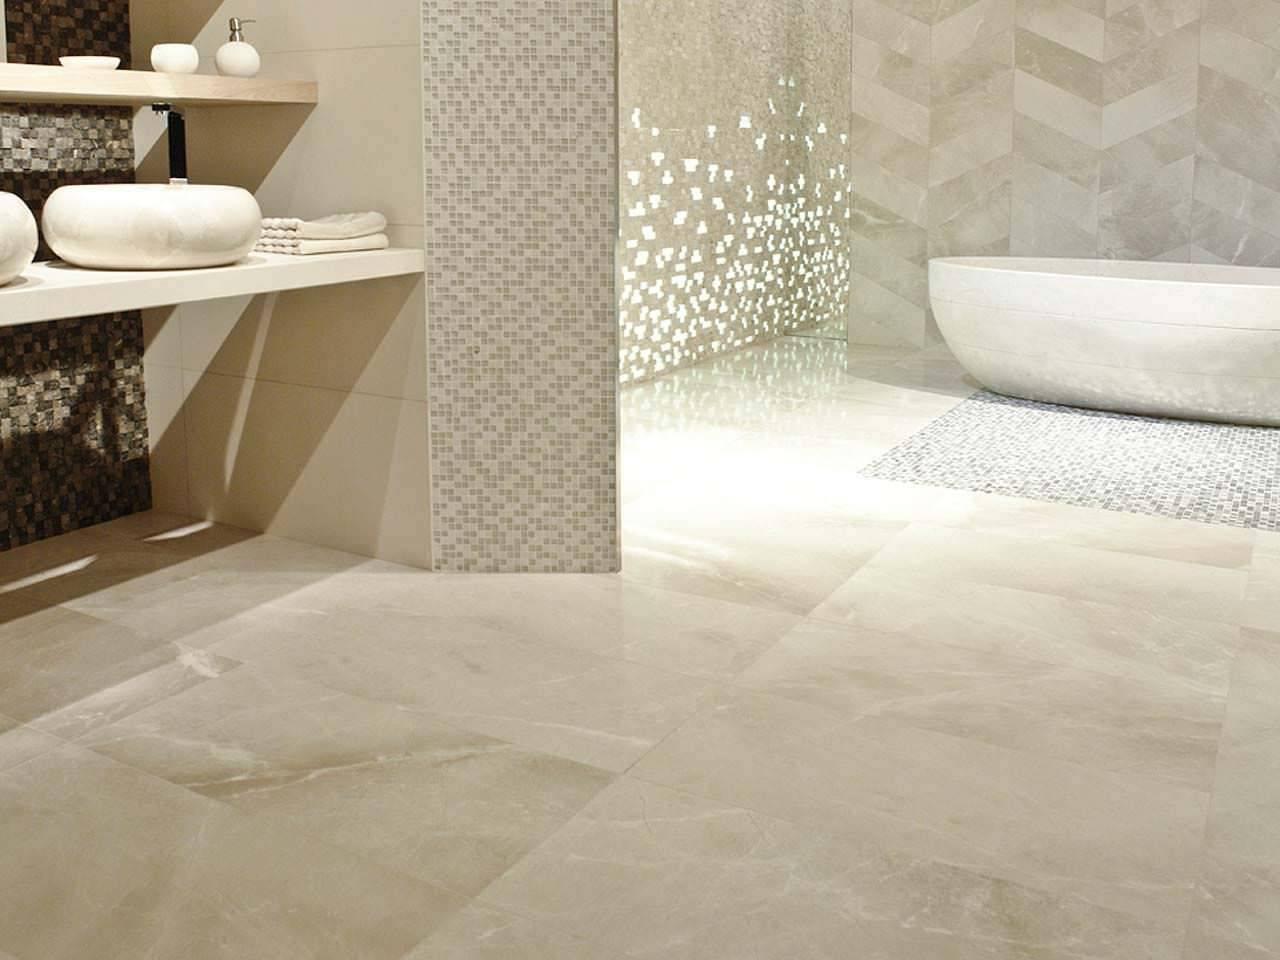 Chỉ với một chút xà phòng lỏng nhẹ nhàng, vải mềm và nước là tất cả những gì bạn cần để nền đá cẩm thạch trong nhà tắm luôn bóng đẹp trong vài thập kỷ rồi